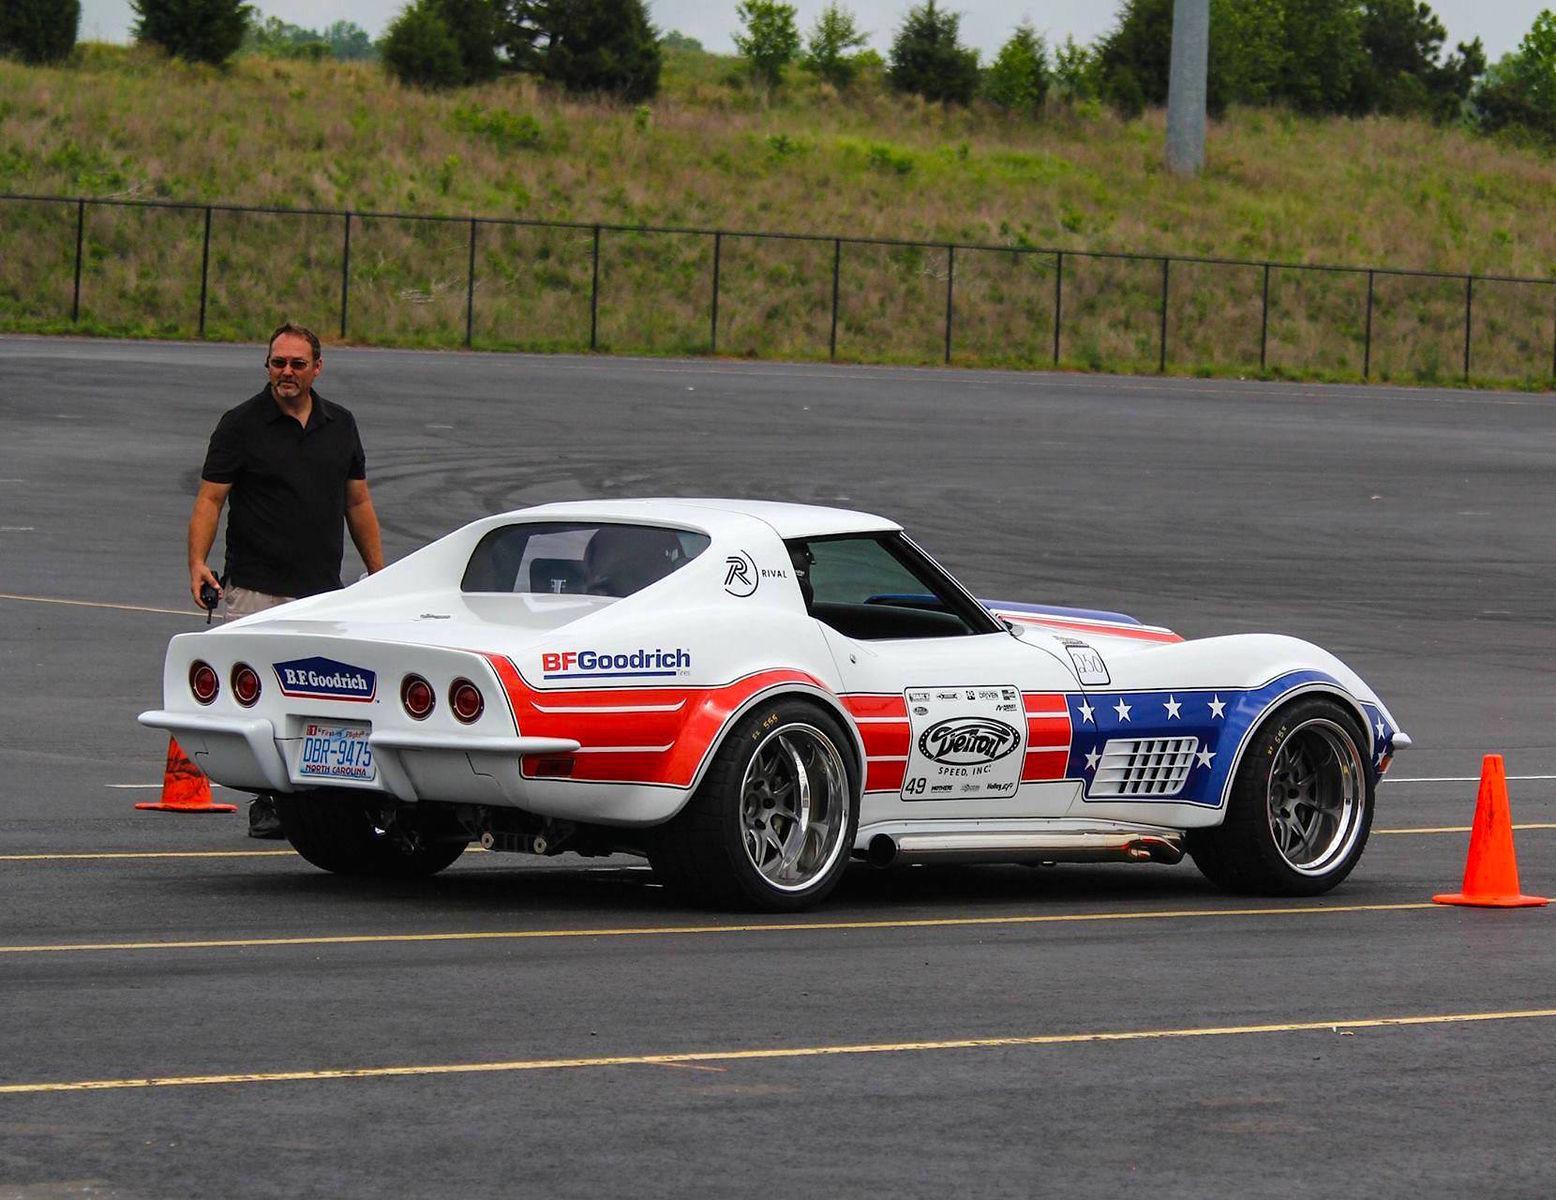 1972 Chevrolet Corvette Stingray | Detroit Speed's 1972 Corvette Development Vehicle on Forgeline GA3 Wheels